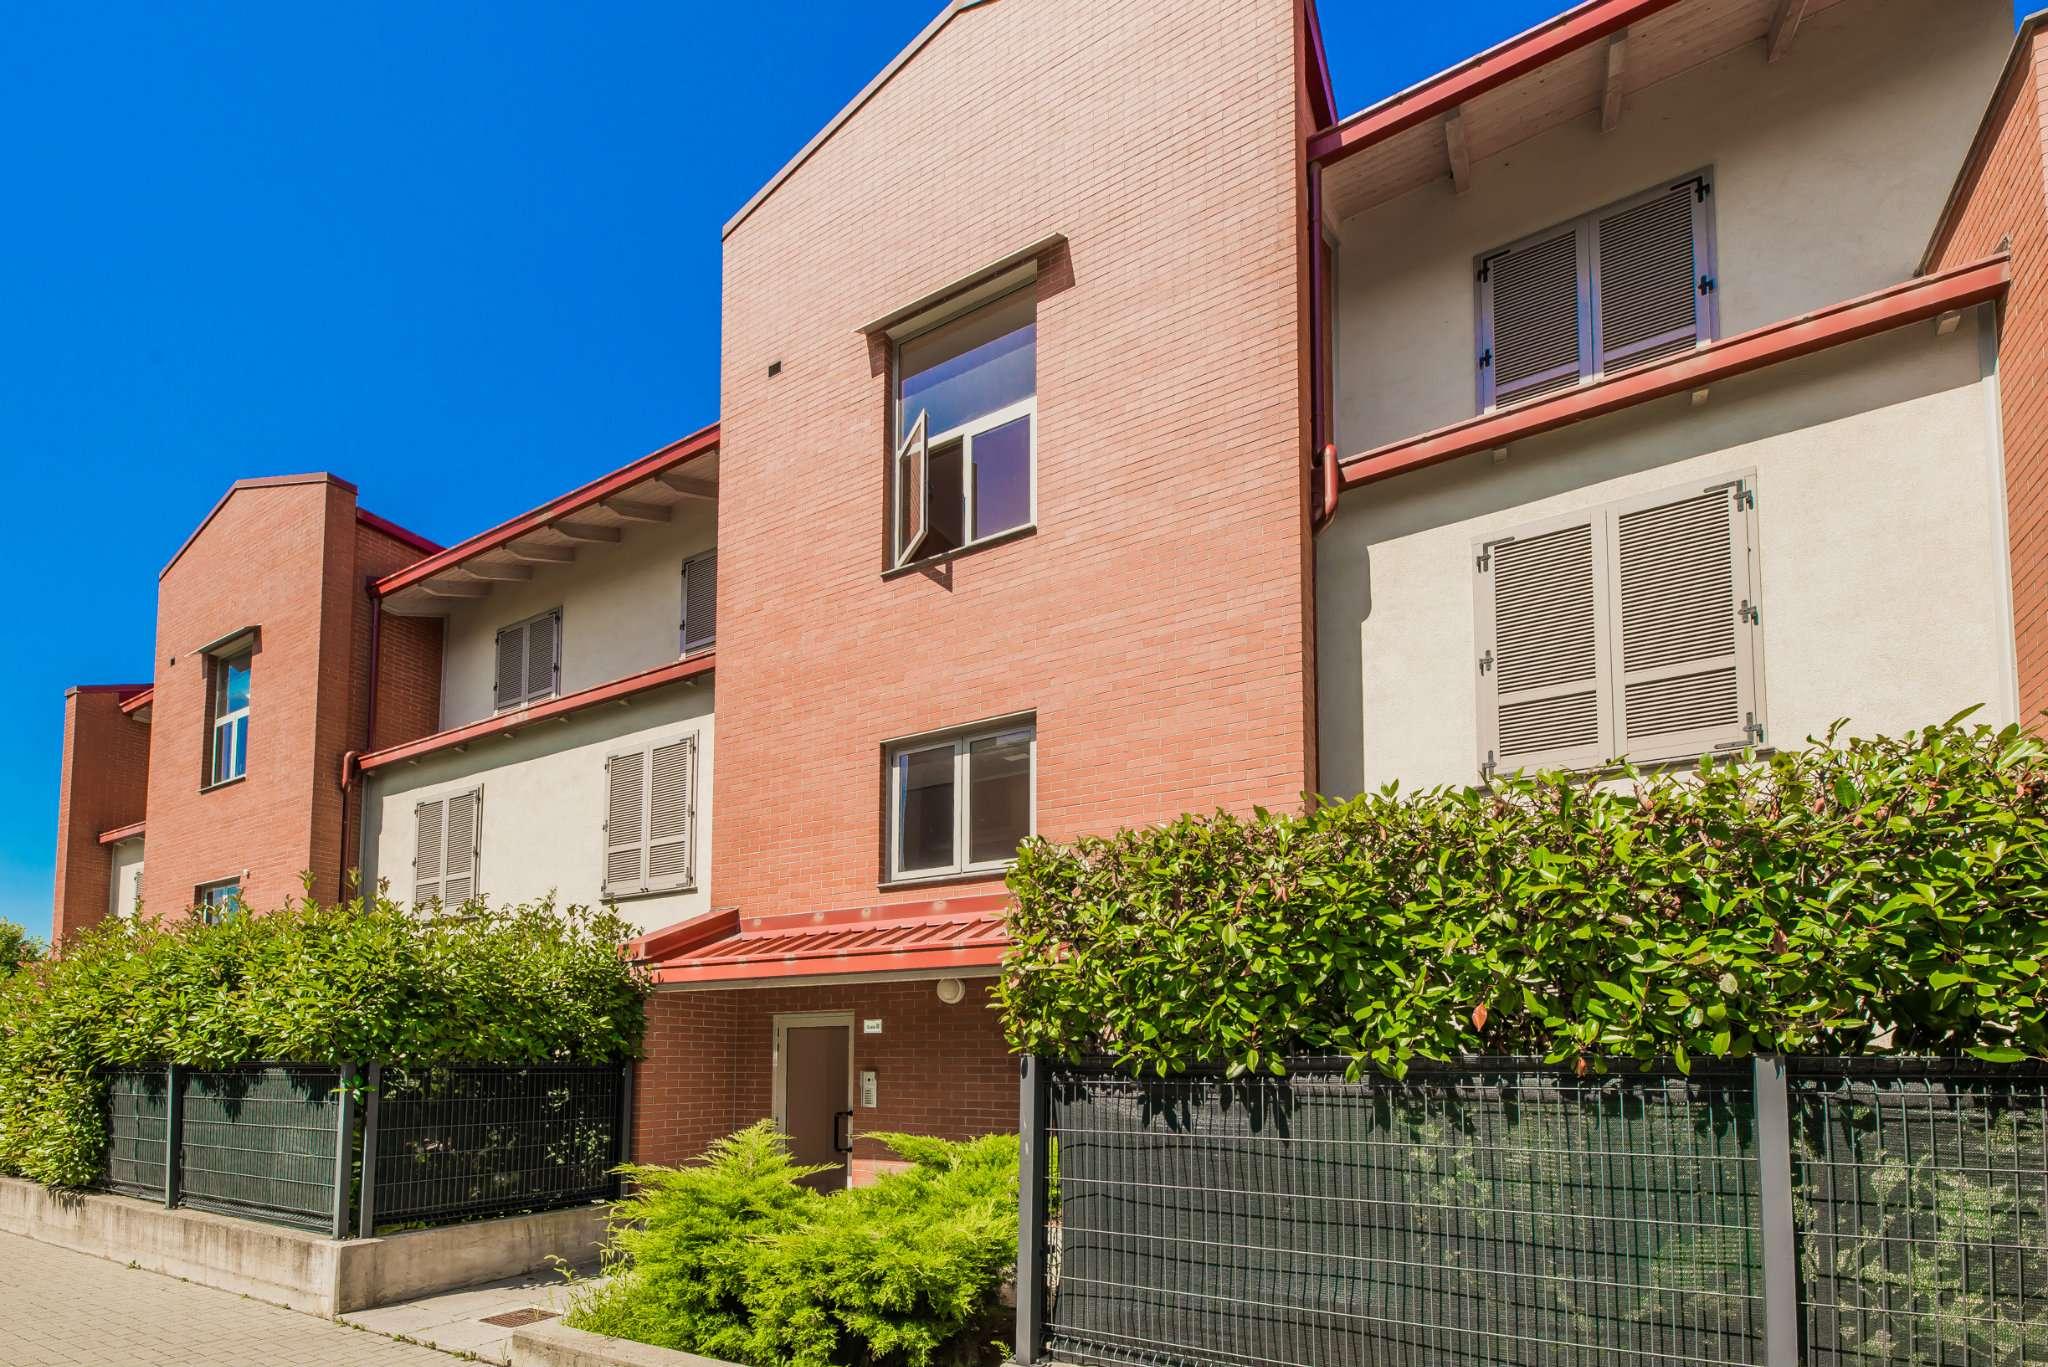 Appartamento in vendita a Grugliasco, 2 locali, prezzo € 160.000 | CambioCasa.it